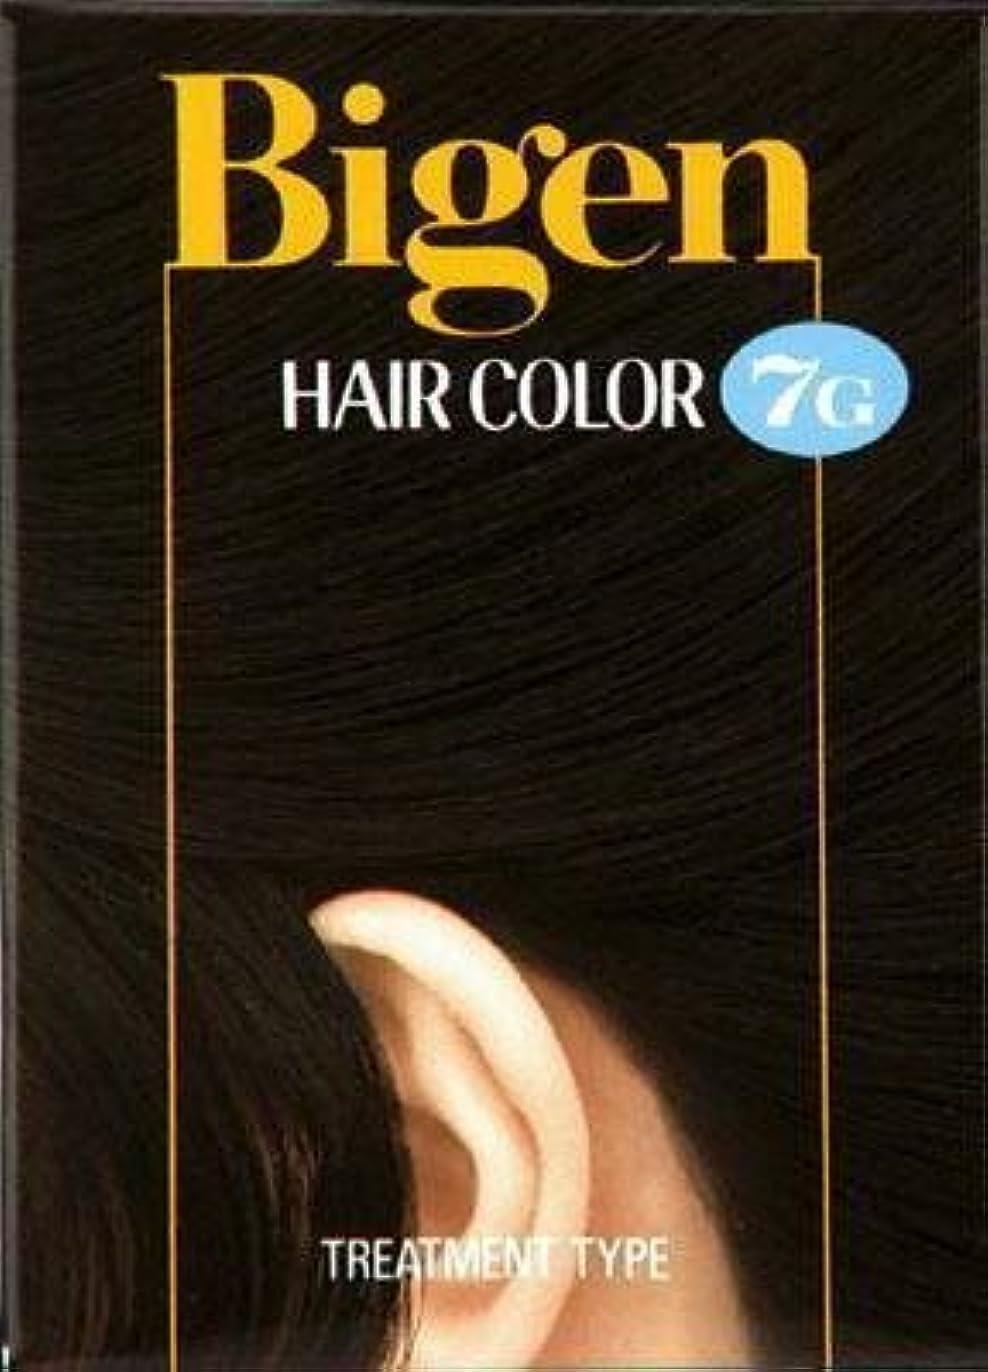 勧告いつでもナプキンビゲン ヘアカラー 7G 自然な黒褐色 × 5個セット